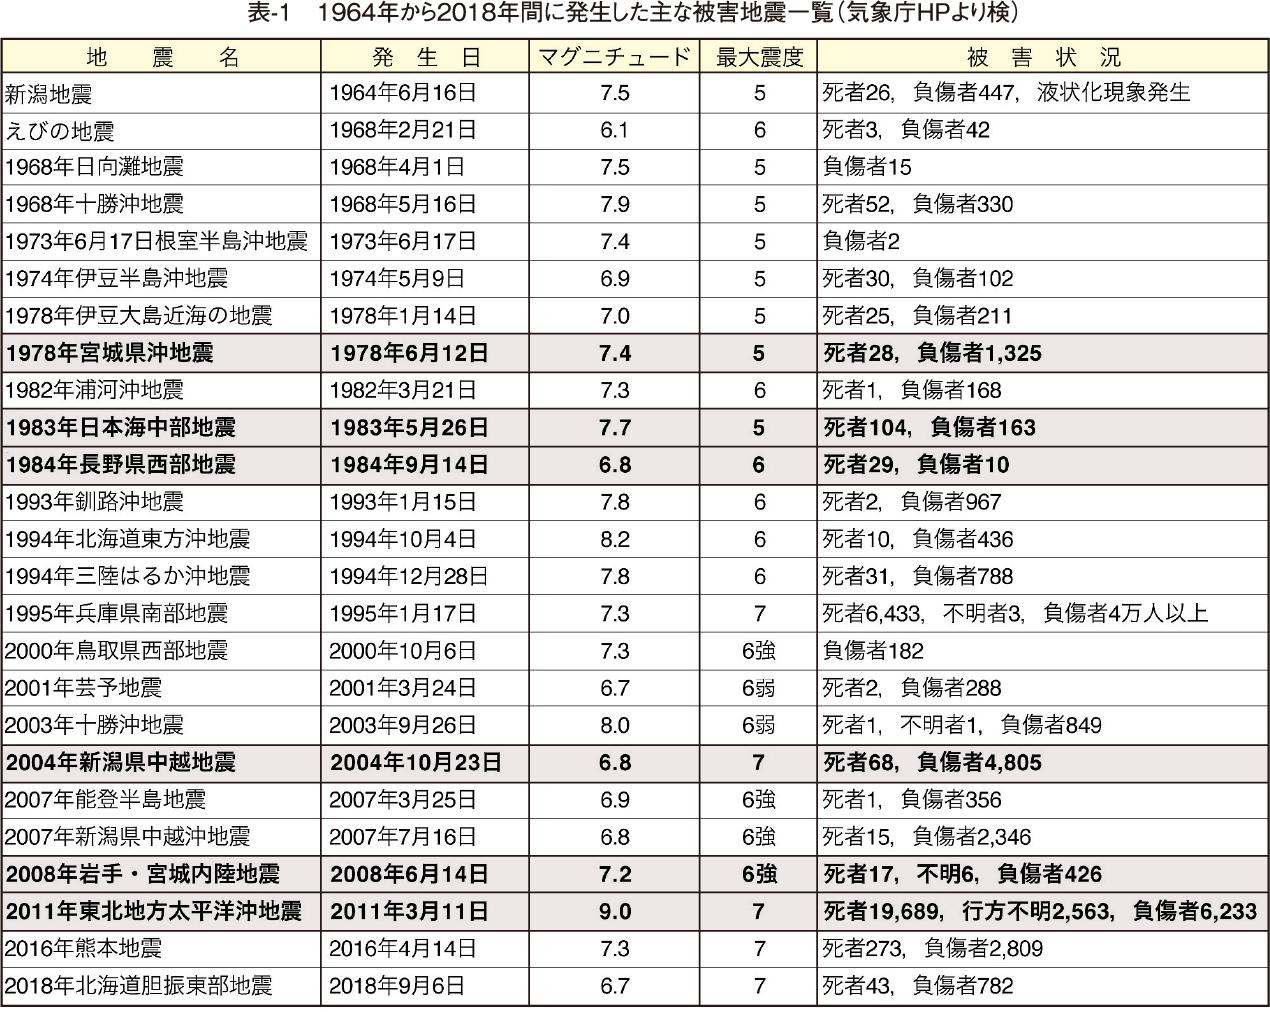 表-1 1964年から2018年間に発生した主な被害地震一覧(気象庁HPより検)